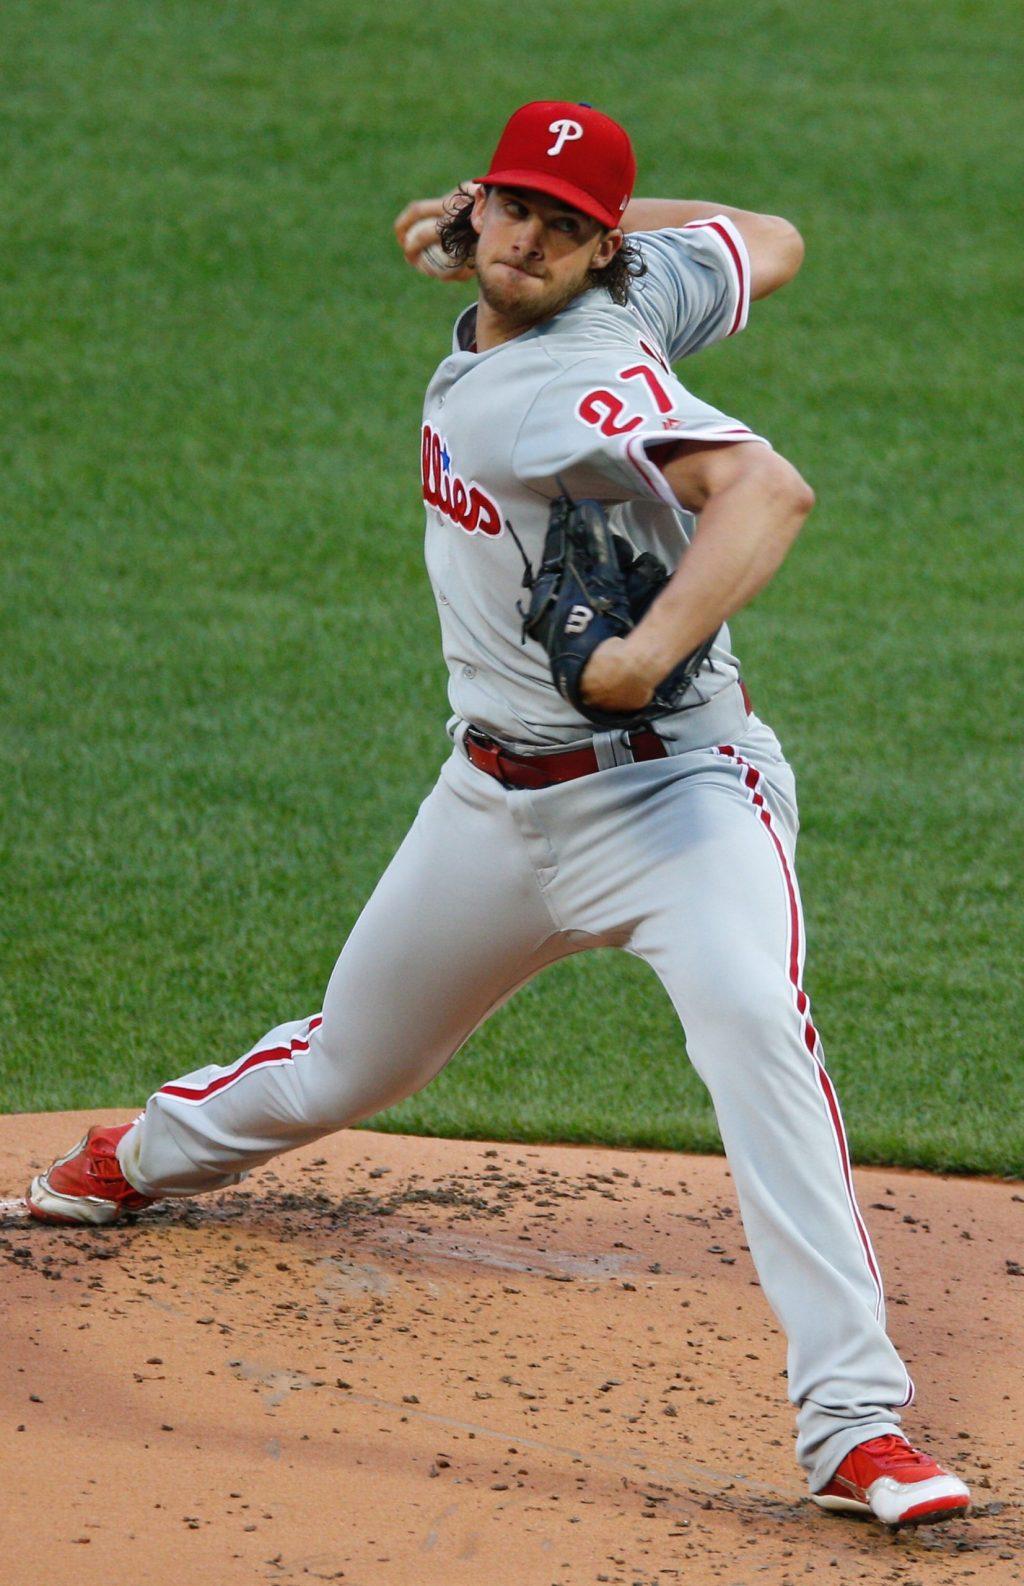 El lanzador derecho de los Filis de Filadelfia, Aaron Nola. EFE/CJ Gunther/Archivo